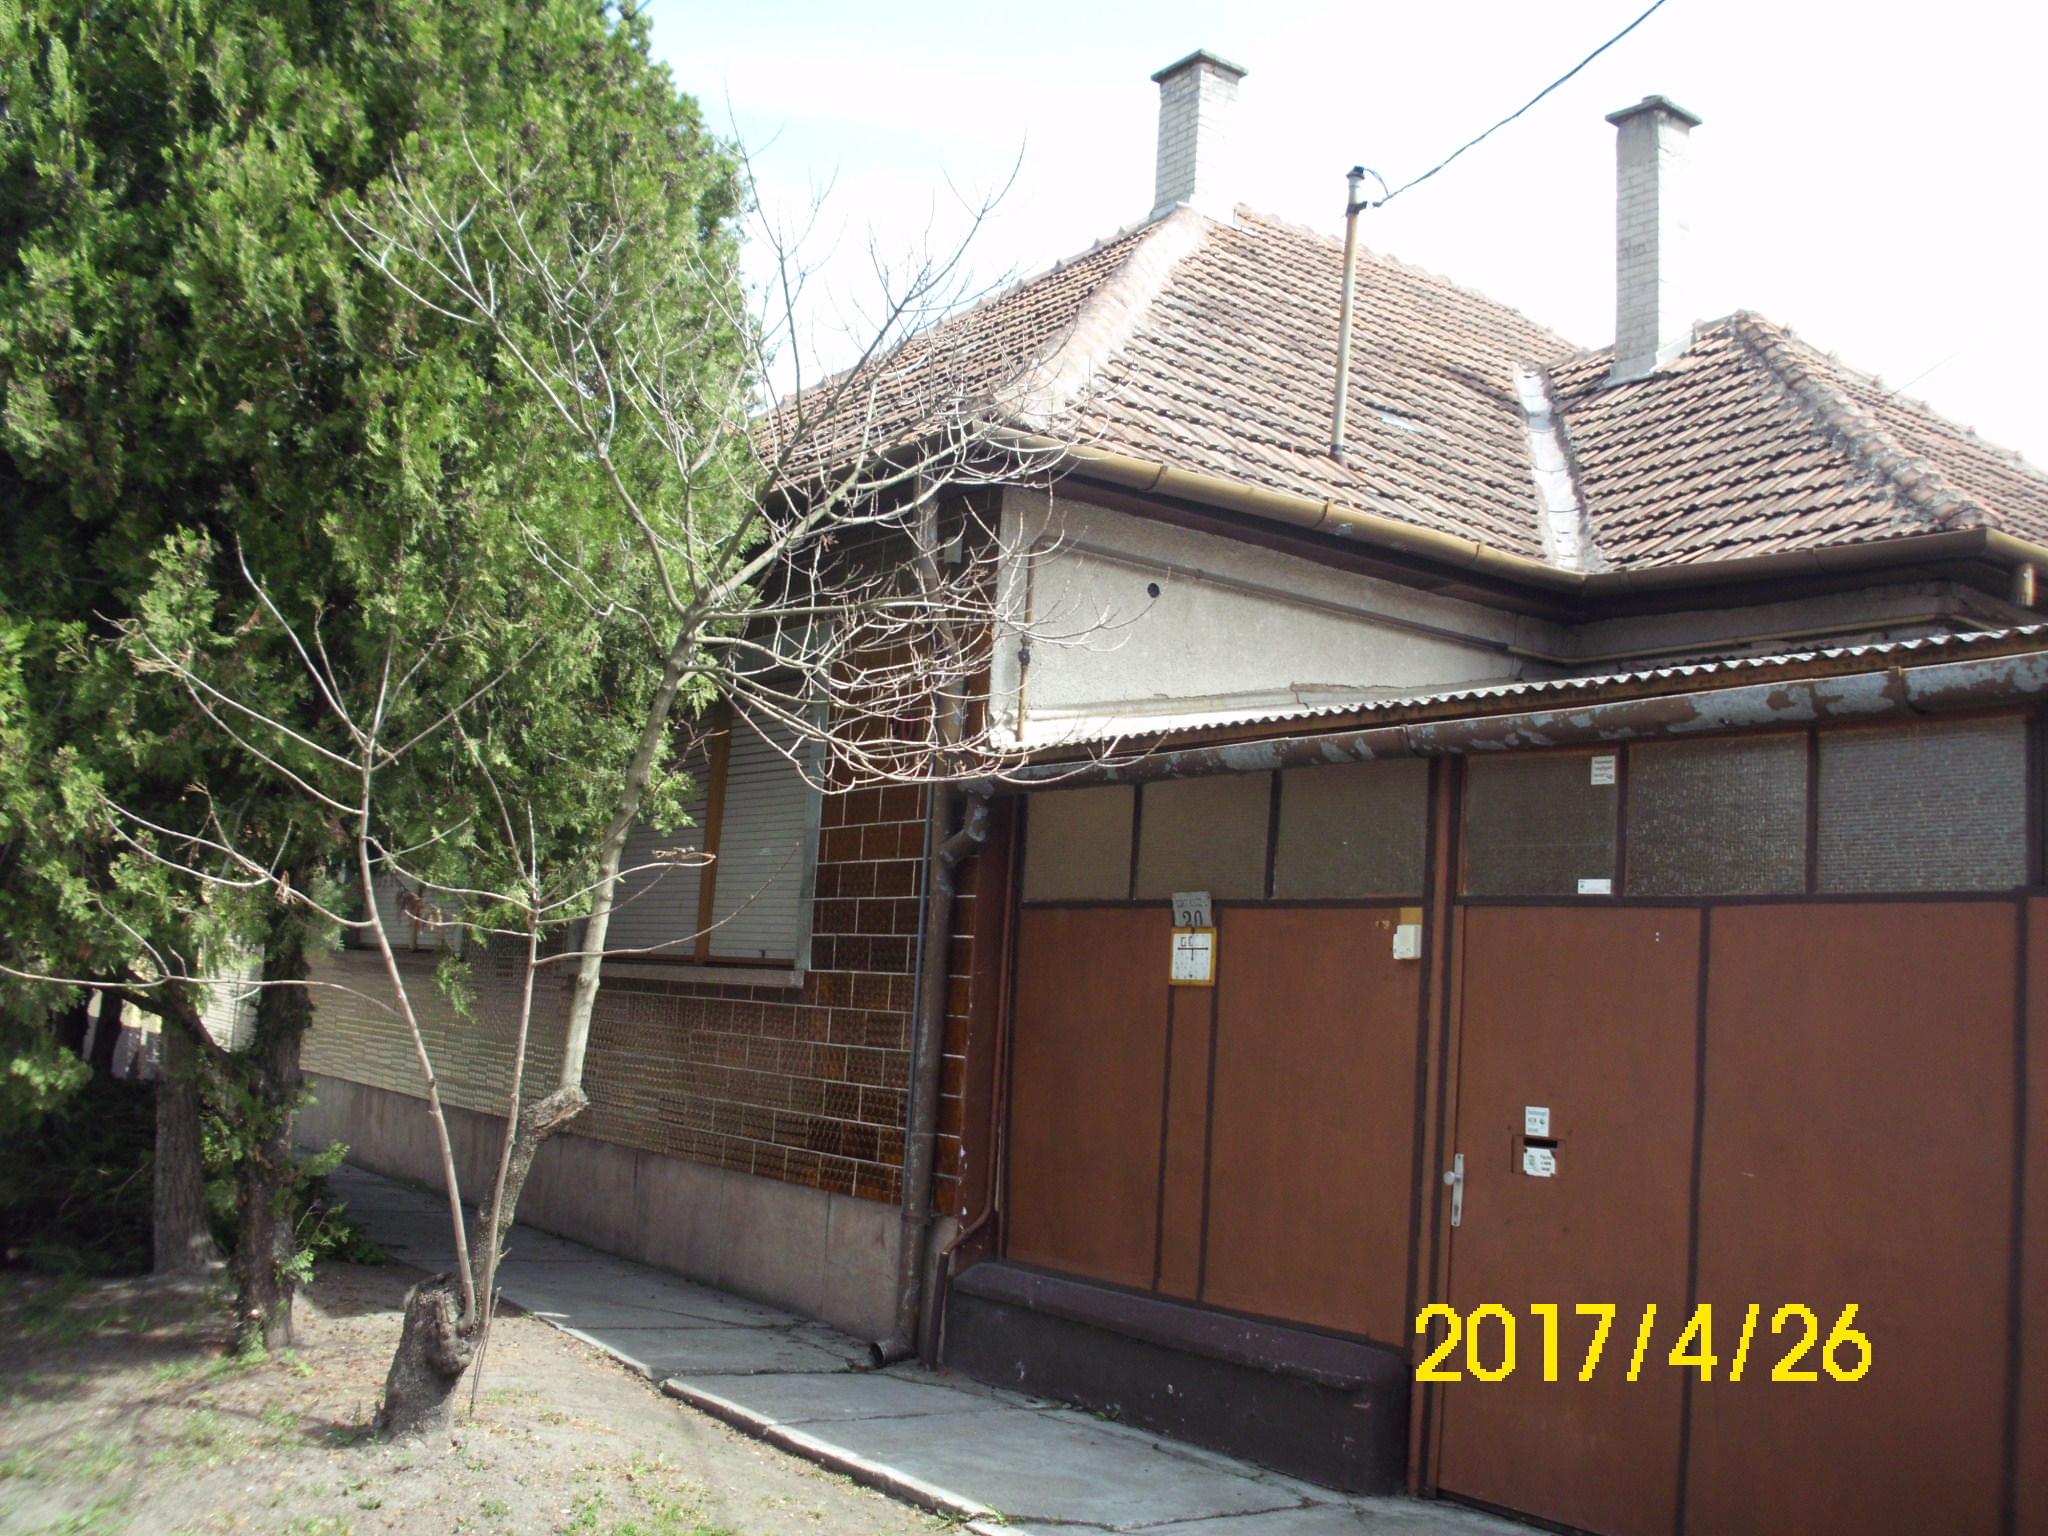 Jó állapotú városközponthoz közeli családi ház.